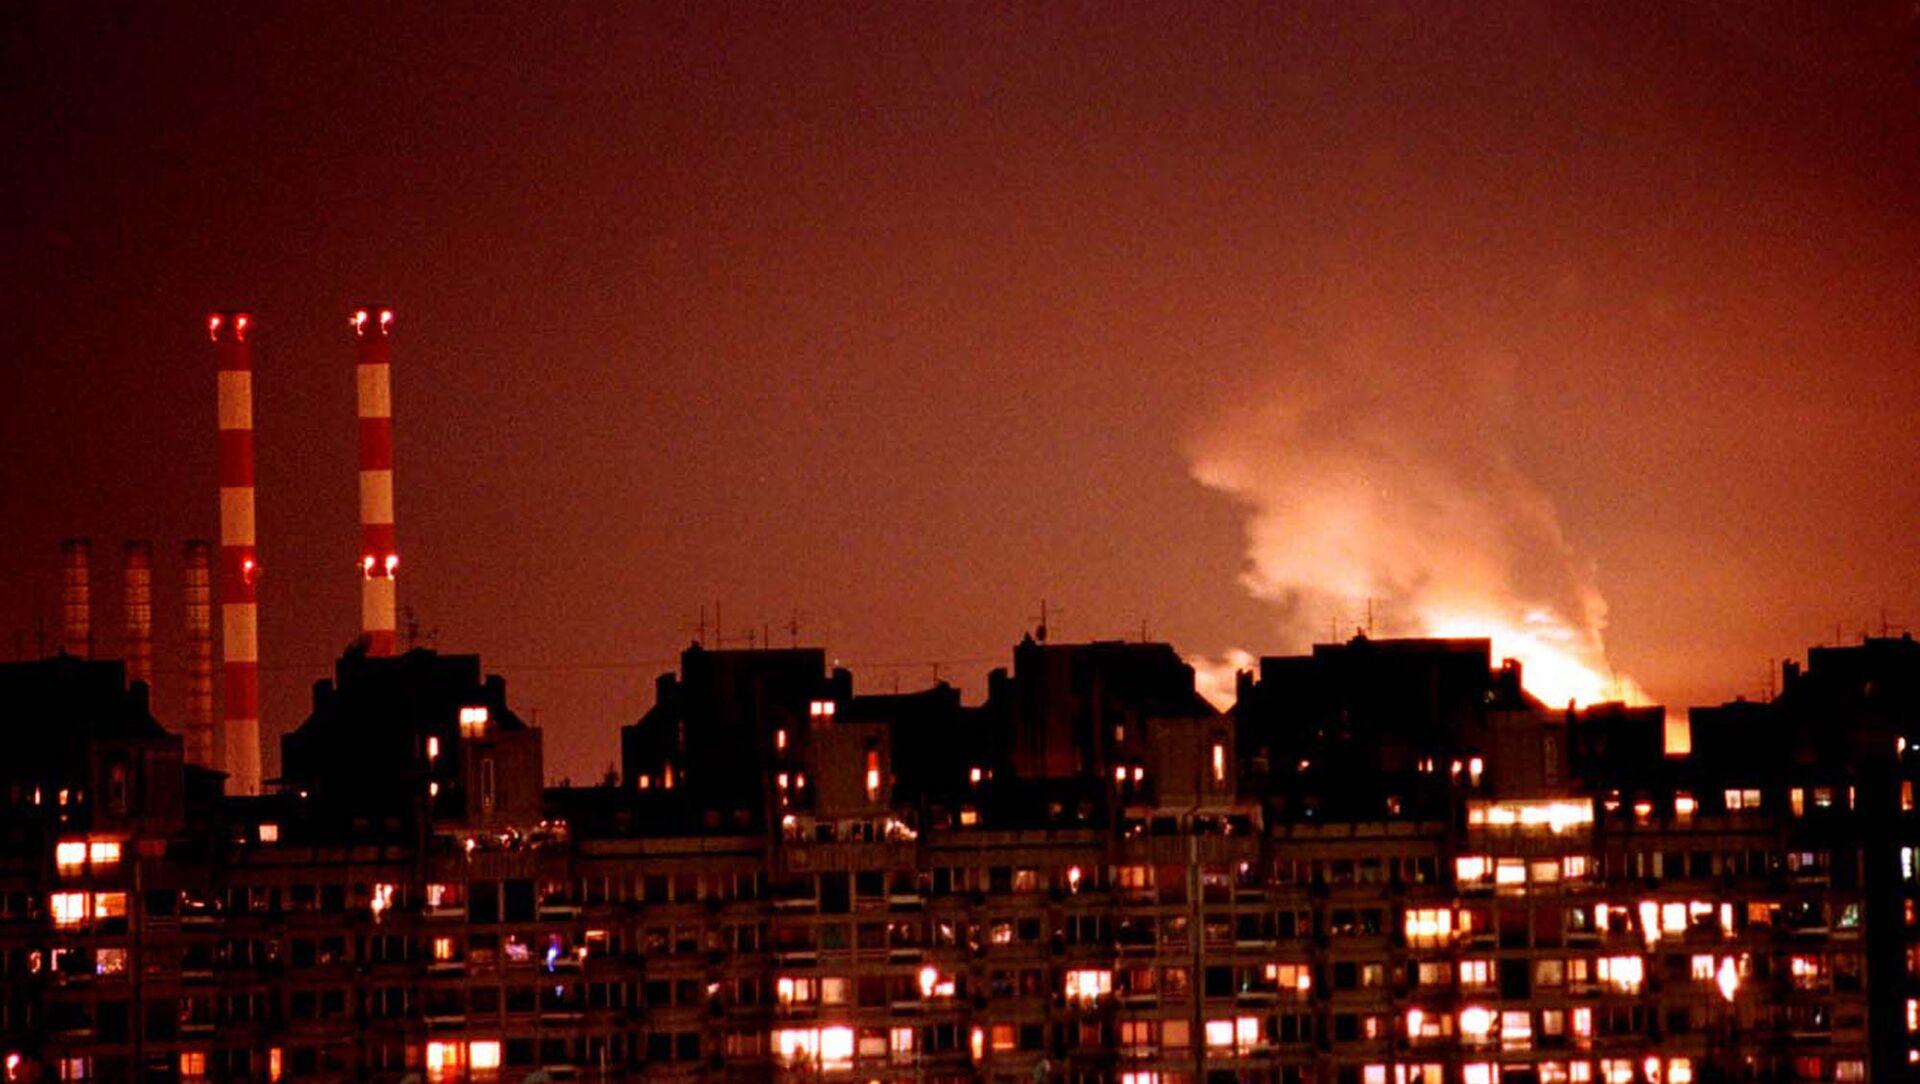 Bombardeos de Yugoslavia por la OTAN en 1999 - Sputnik Mundo, 1920, 31.10.2019